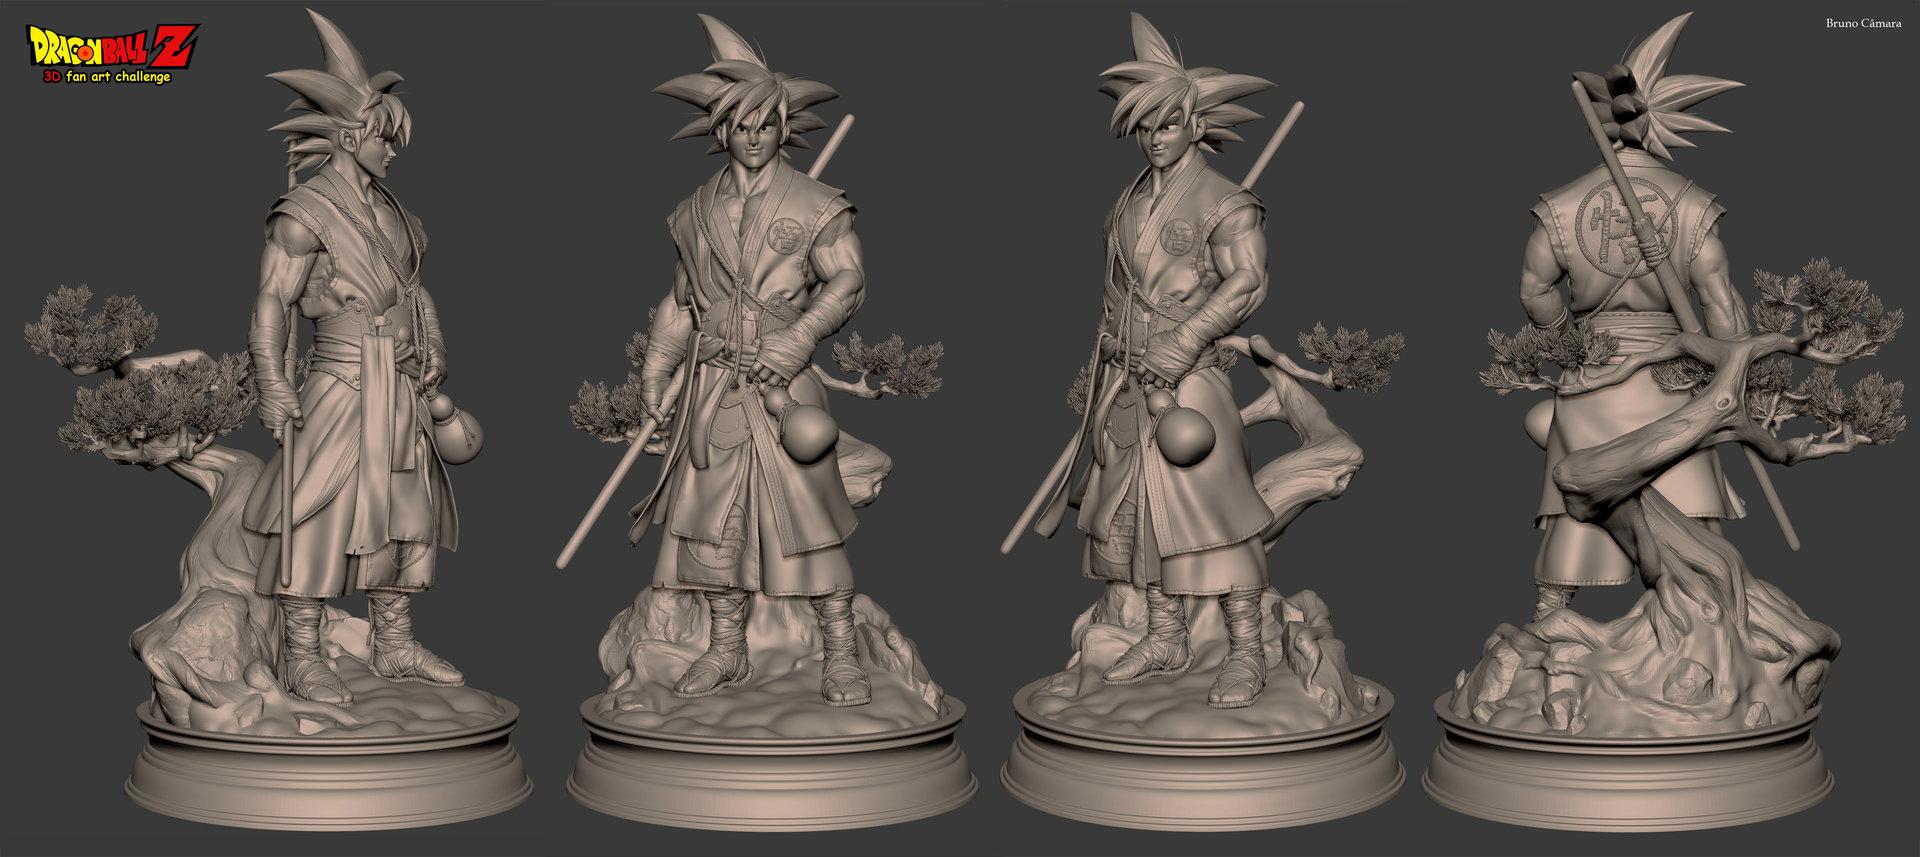 Bruno camara goku brunocamara sculpt 2k 02